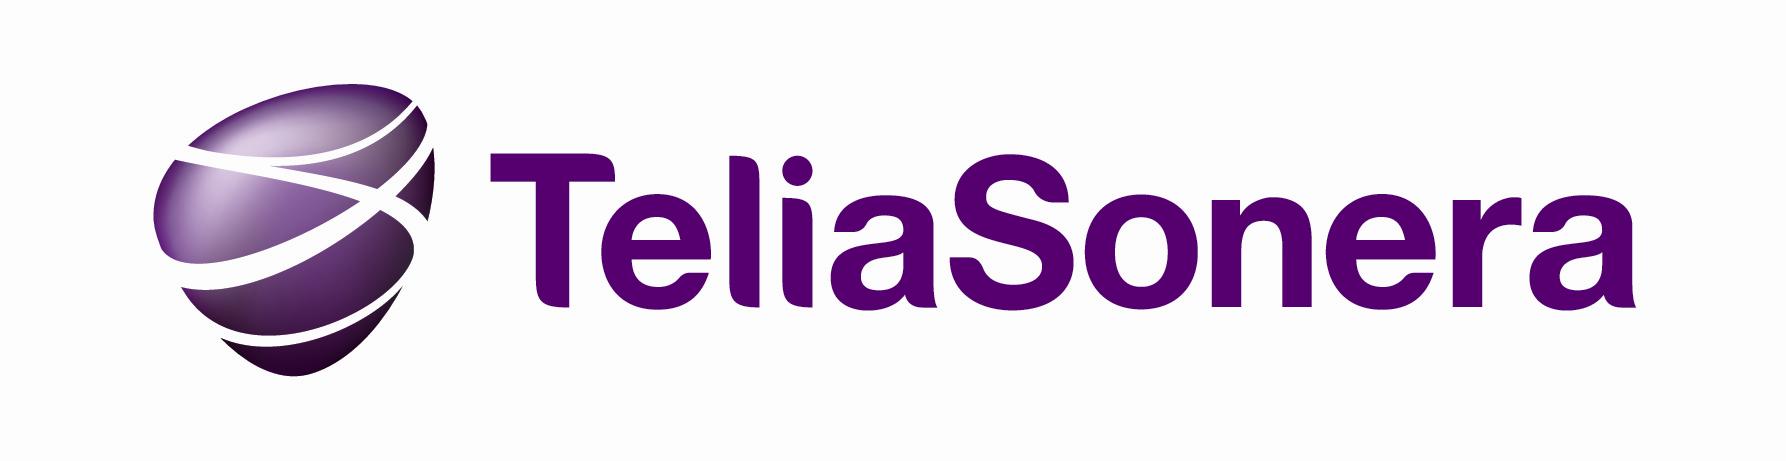 Utdelning från TeliaSonera